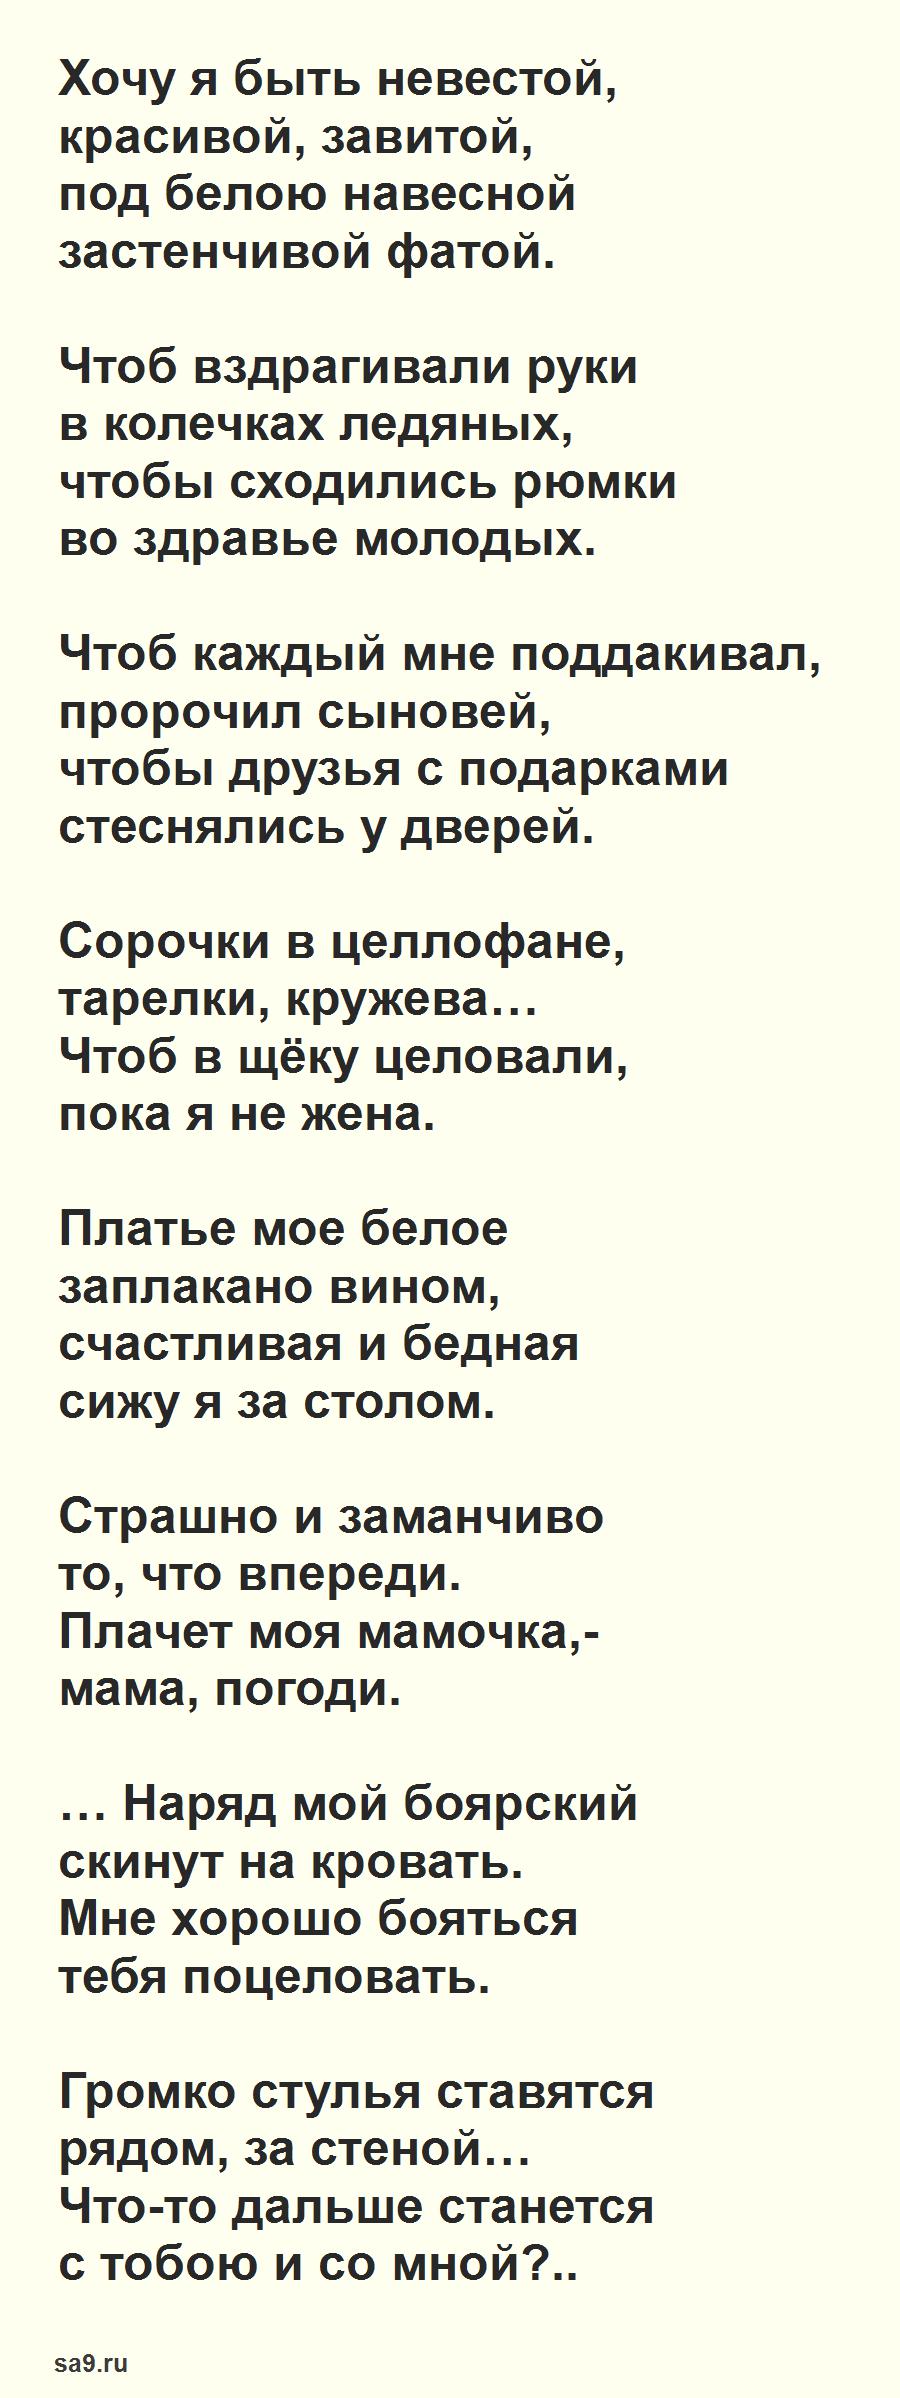 Стихи Ахмадулиной о любви - Невеста